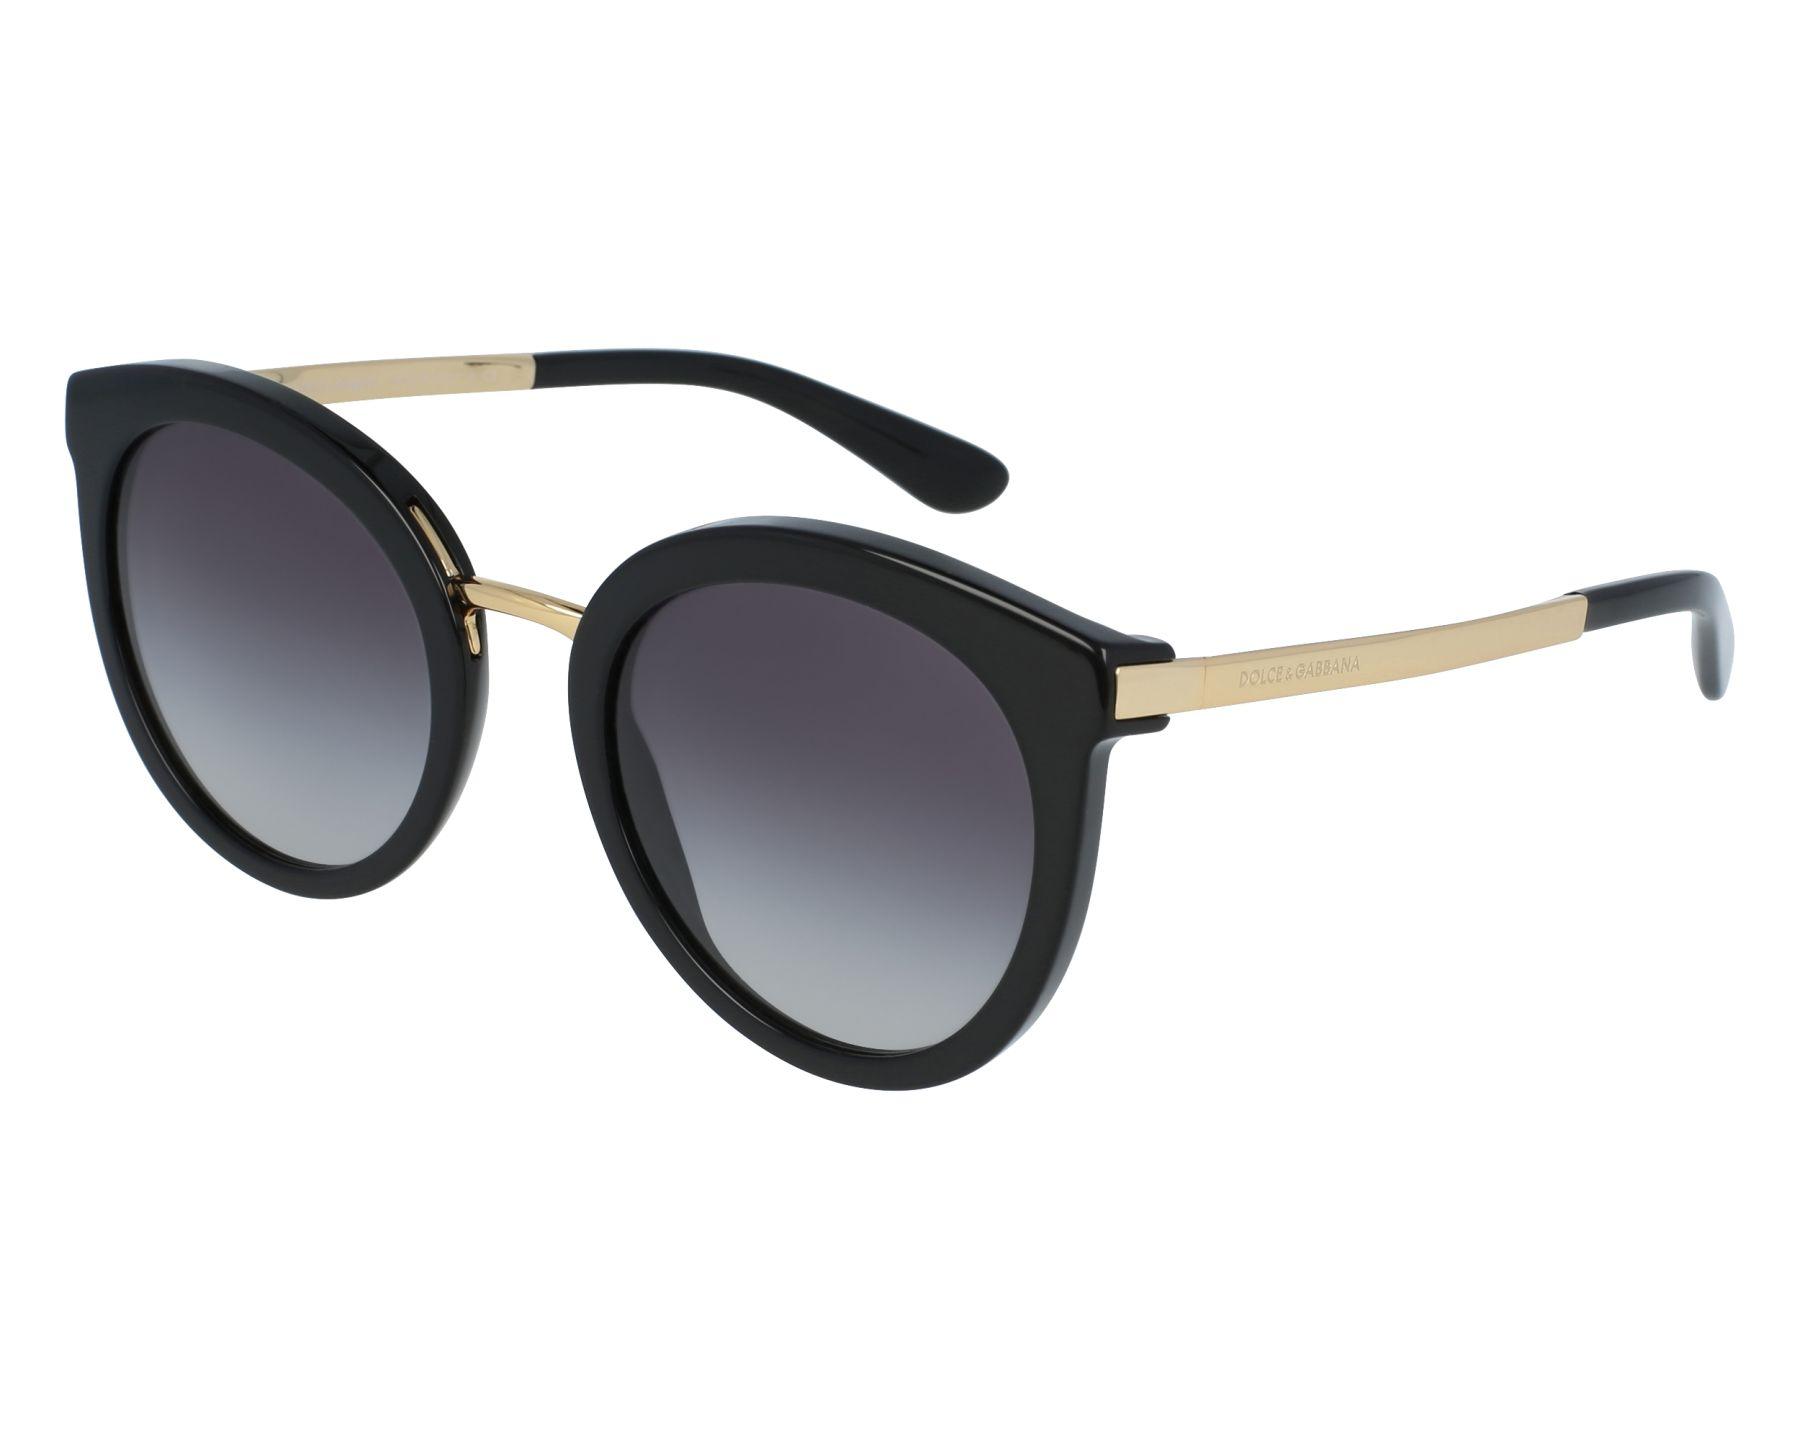 lunettes de soleil dolce gabbana dg 4268 501 8g noir avec des verres gris pour femmes taille. Black Bedroom Furniture Sets. Home Design Ideas